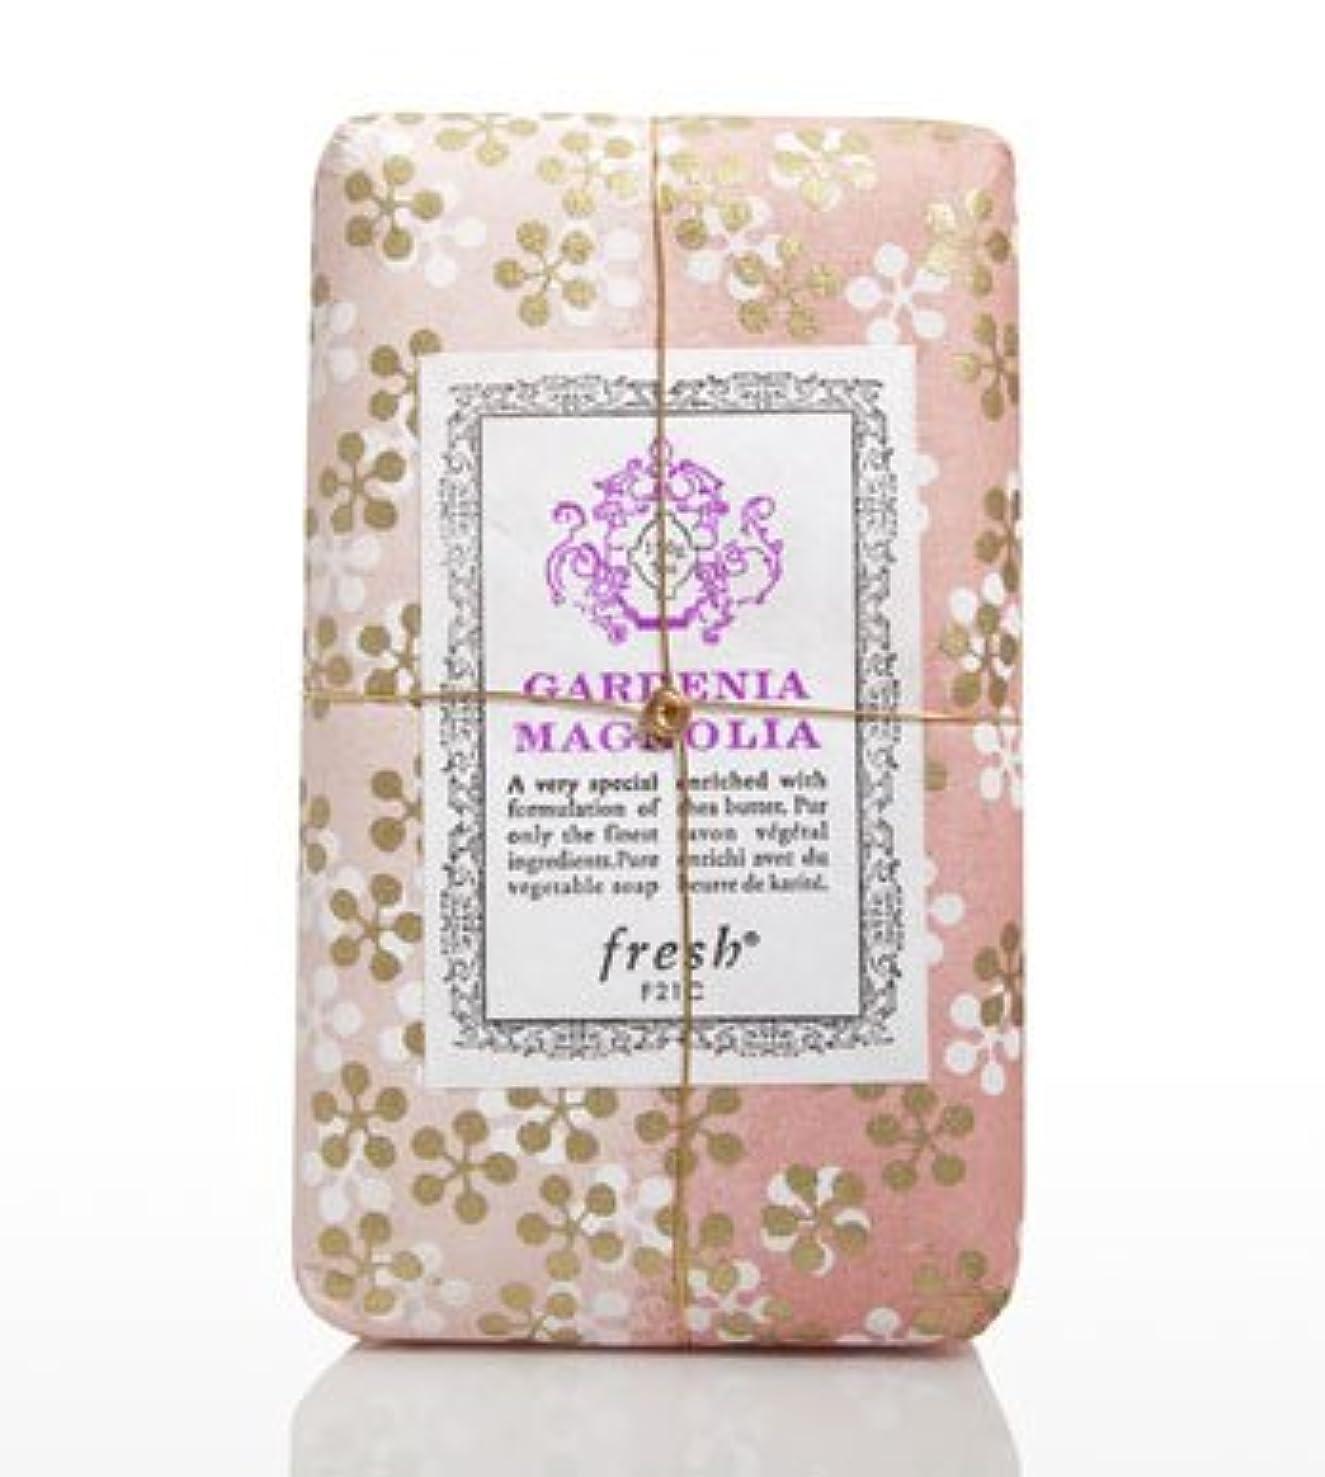 ぼんやりした豊富明らかにFresh GARDENIA MAGNOLIA SOAP(フレッシュ ガーデナマグノリア ソープ) 5.0 oz (150gl) 石鹸 by Fresh